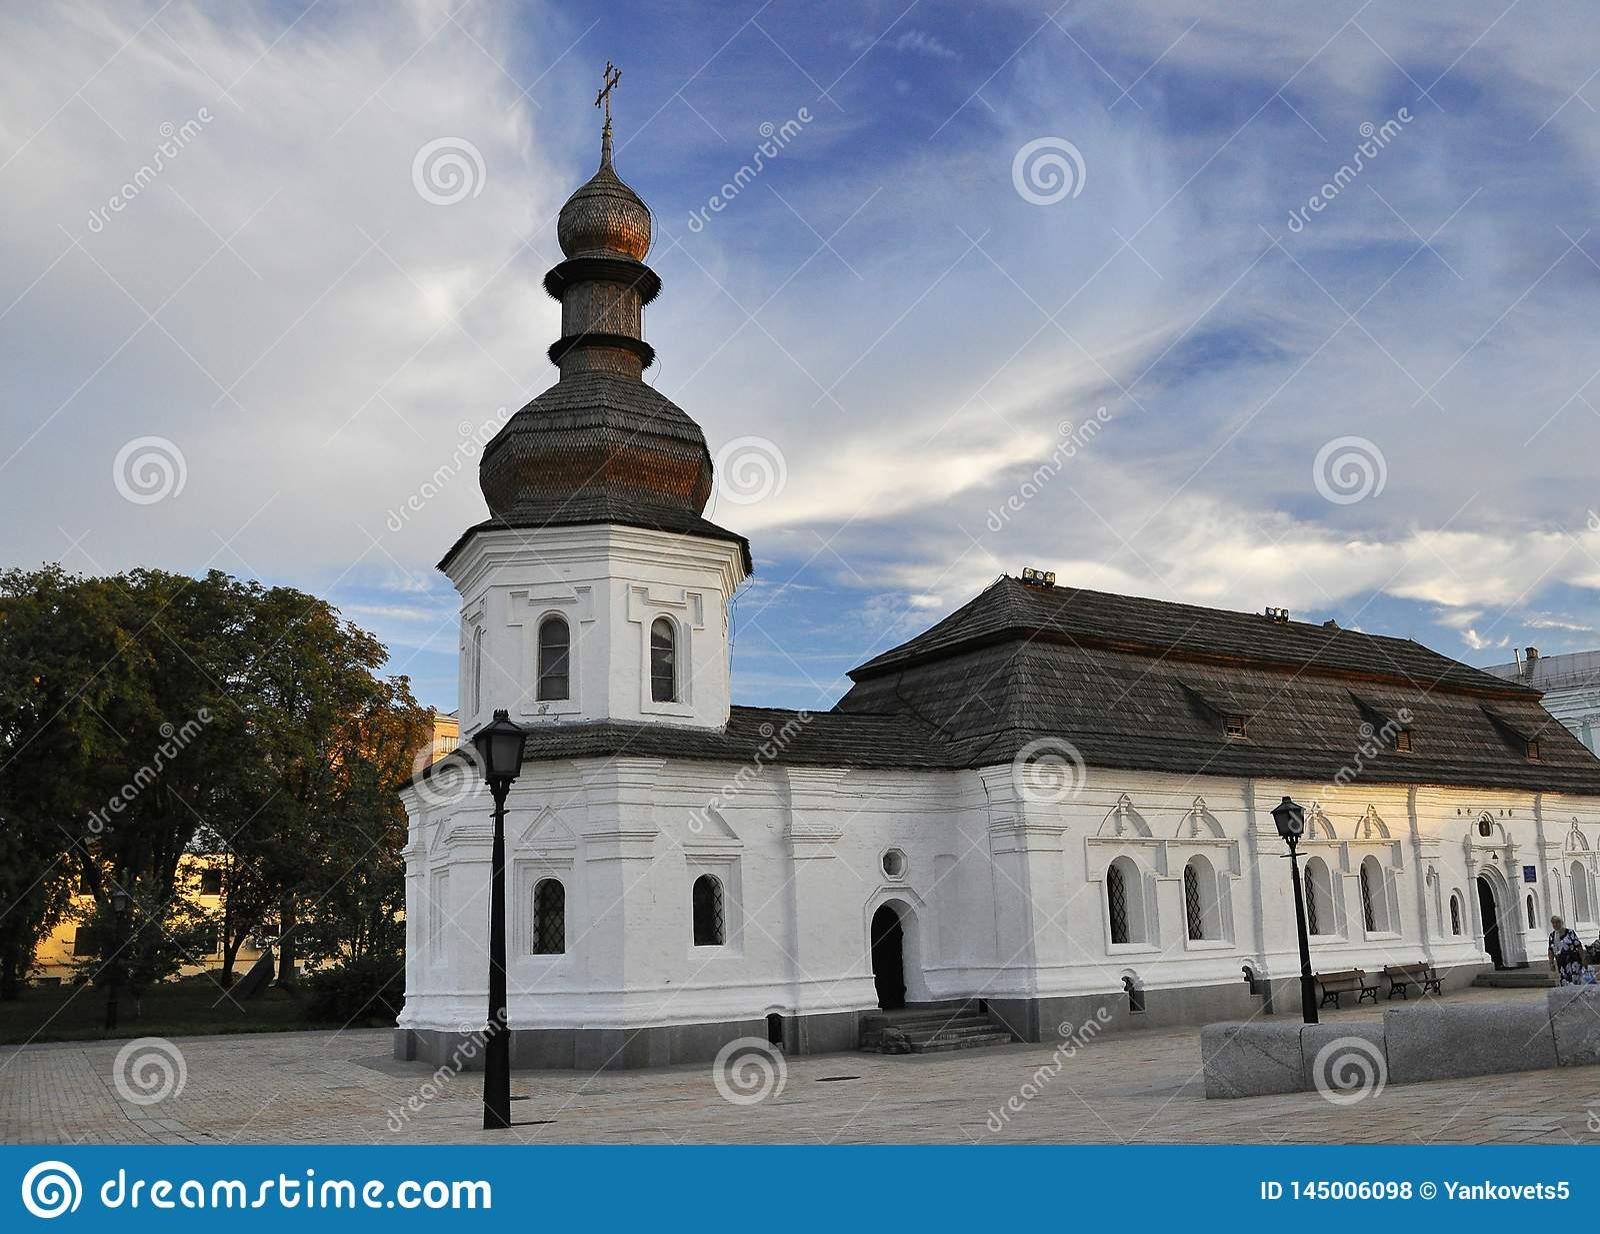 12 Σεπτεμβρίου 2010 - αρχαία ιστορική αρχιτεκτονική στο κέντρο του Κίεβου ενάντια στο μπλε ουρανό με τα άσπρα σύννεφα